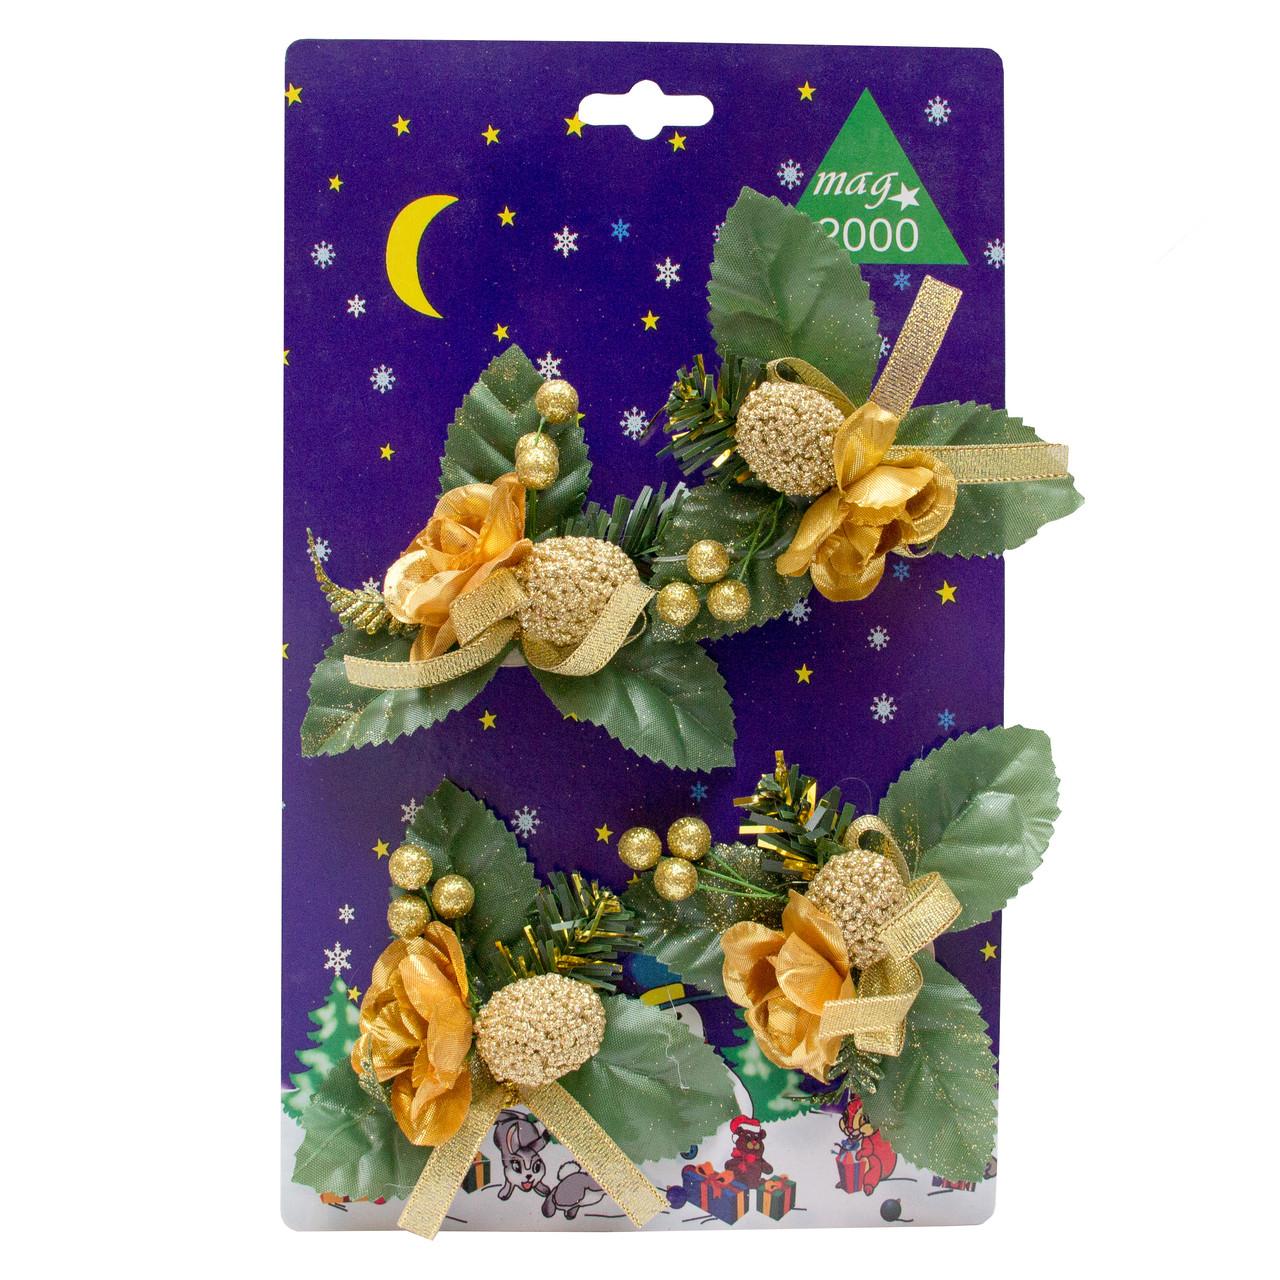 4 хвойные веточки с цветочками, листиками и ягодами на прищепках, 8*11 см (470563)